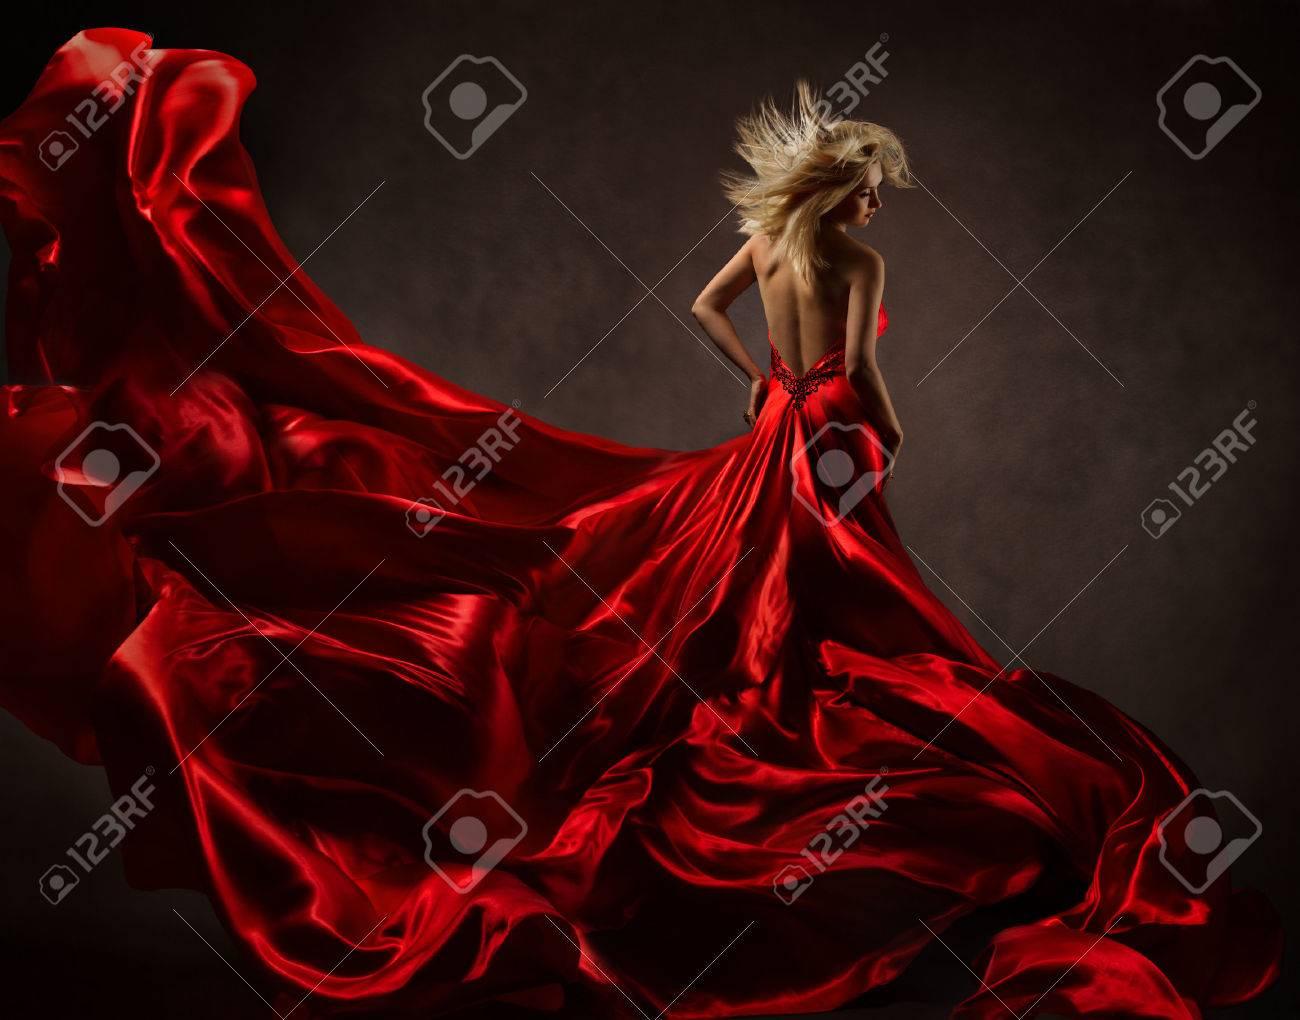 Снял с девушки шелковое платье 23 фотография